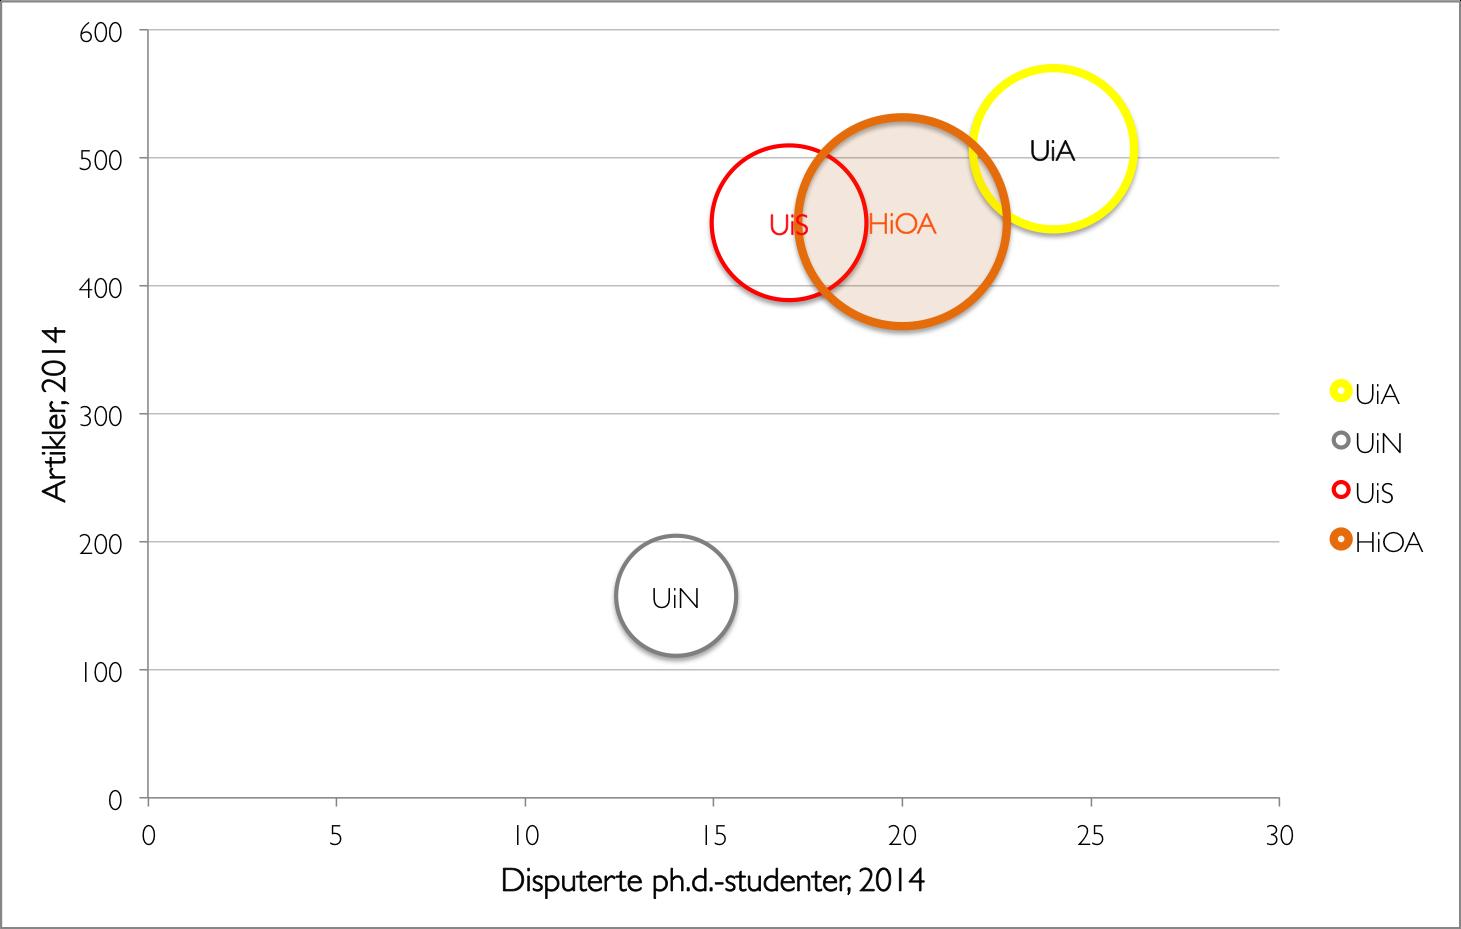 produksjon av artikler og phd-studenter, utvalg, absolutt